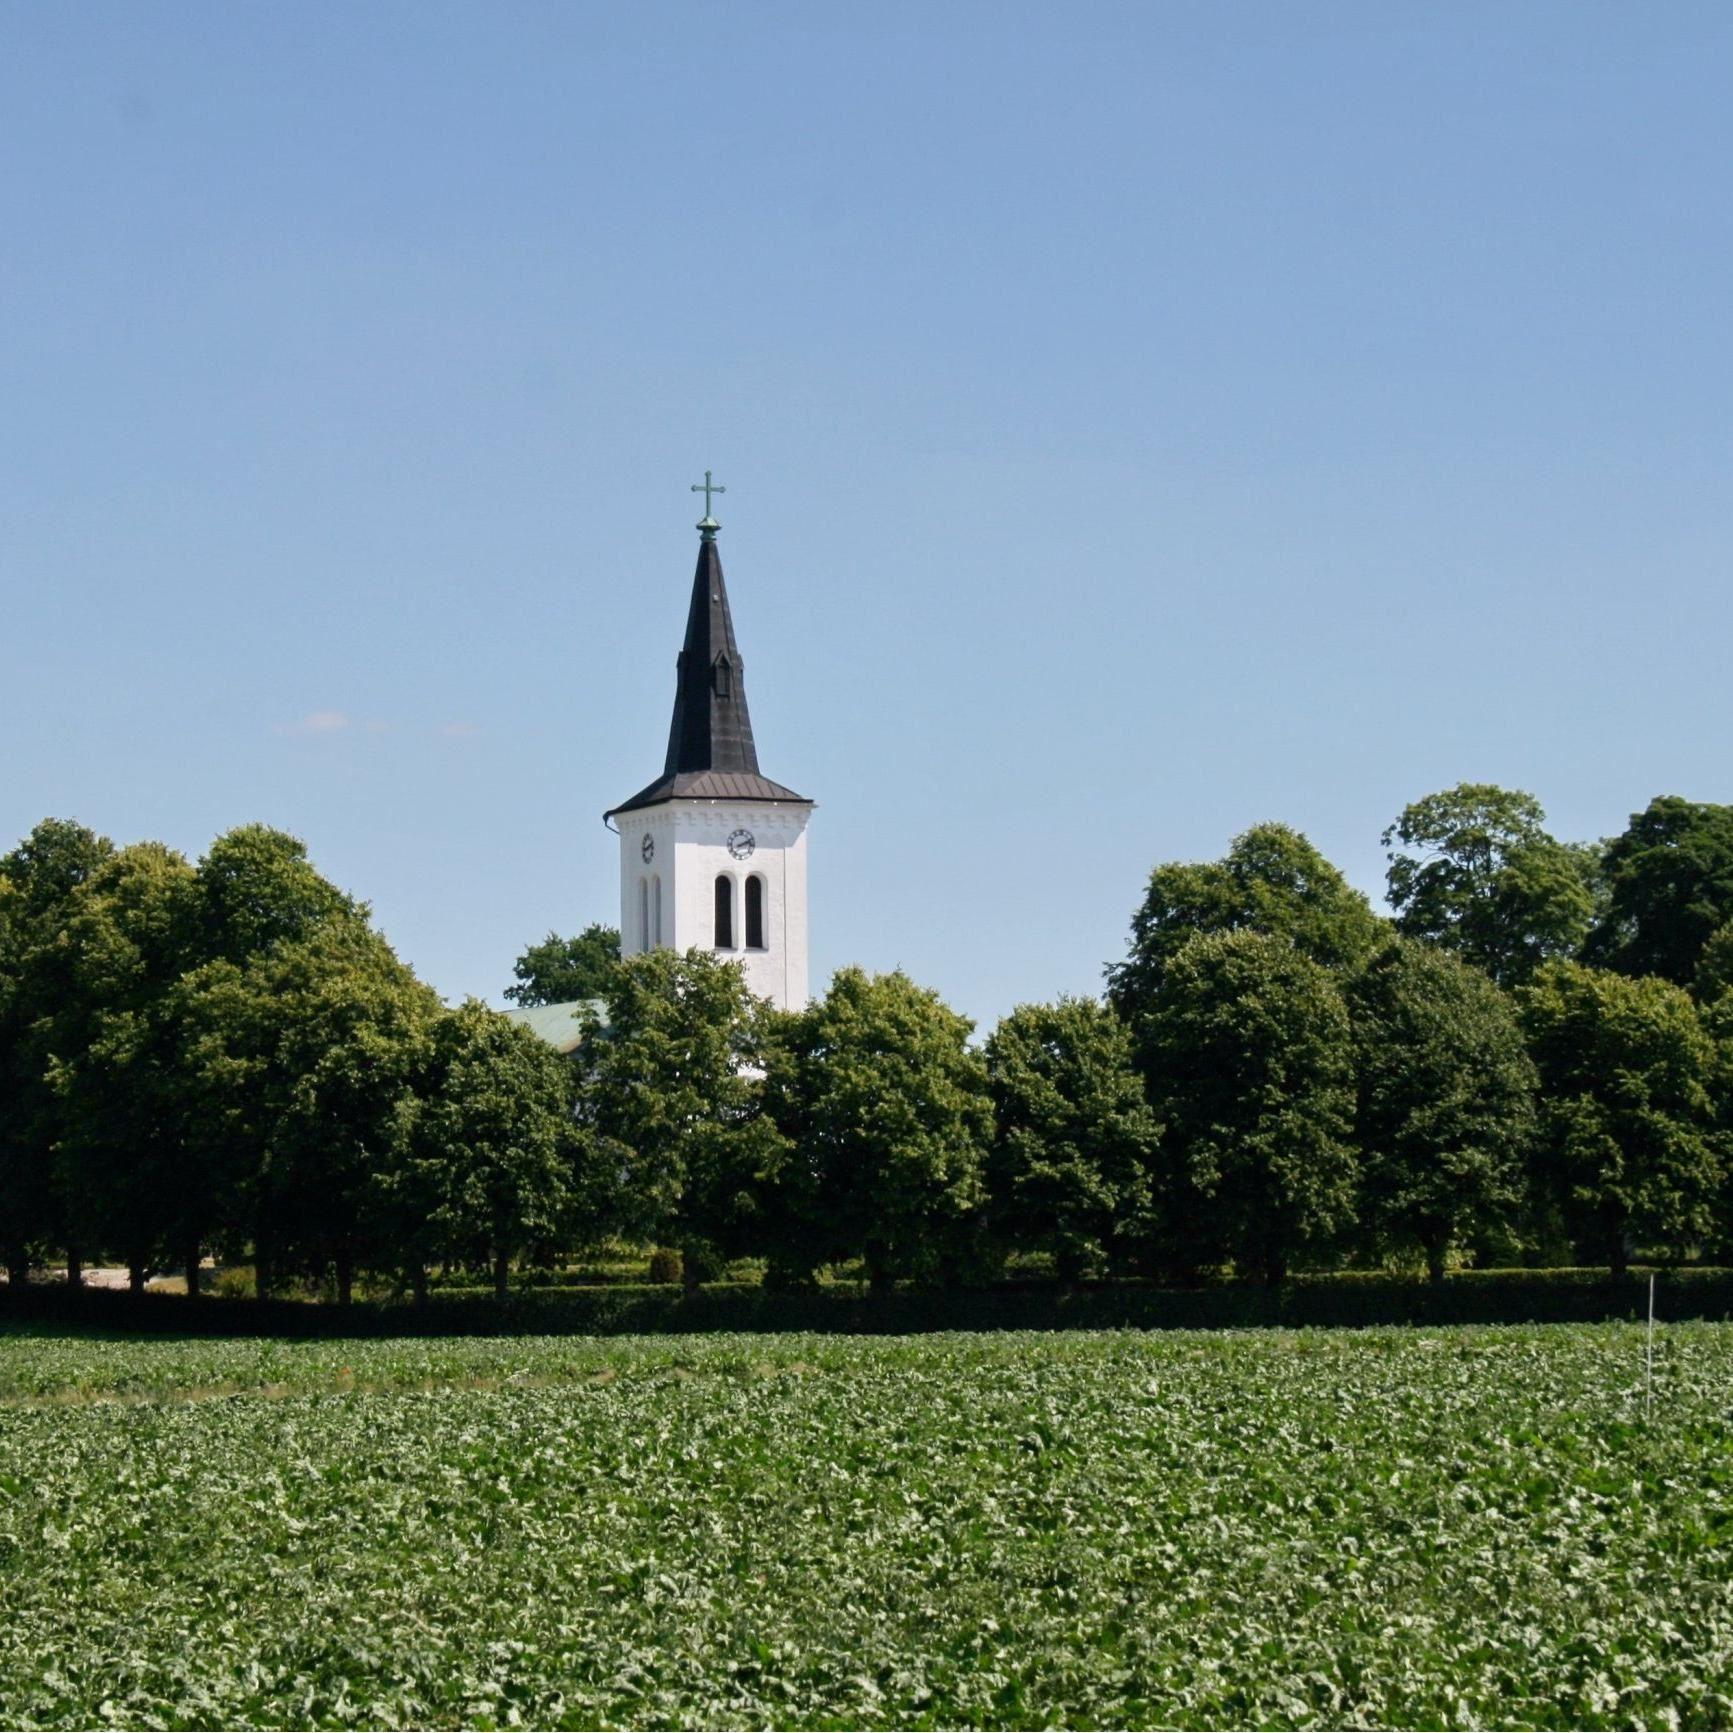 Södervidinge Kirche